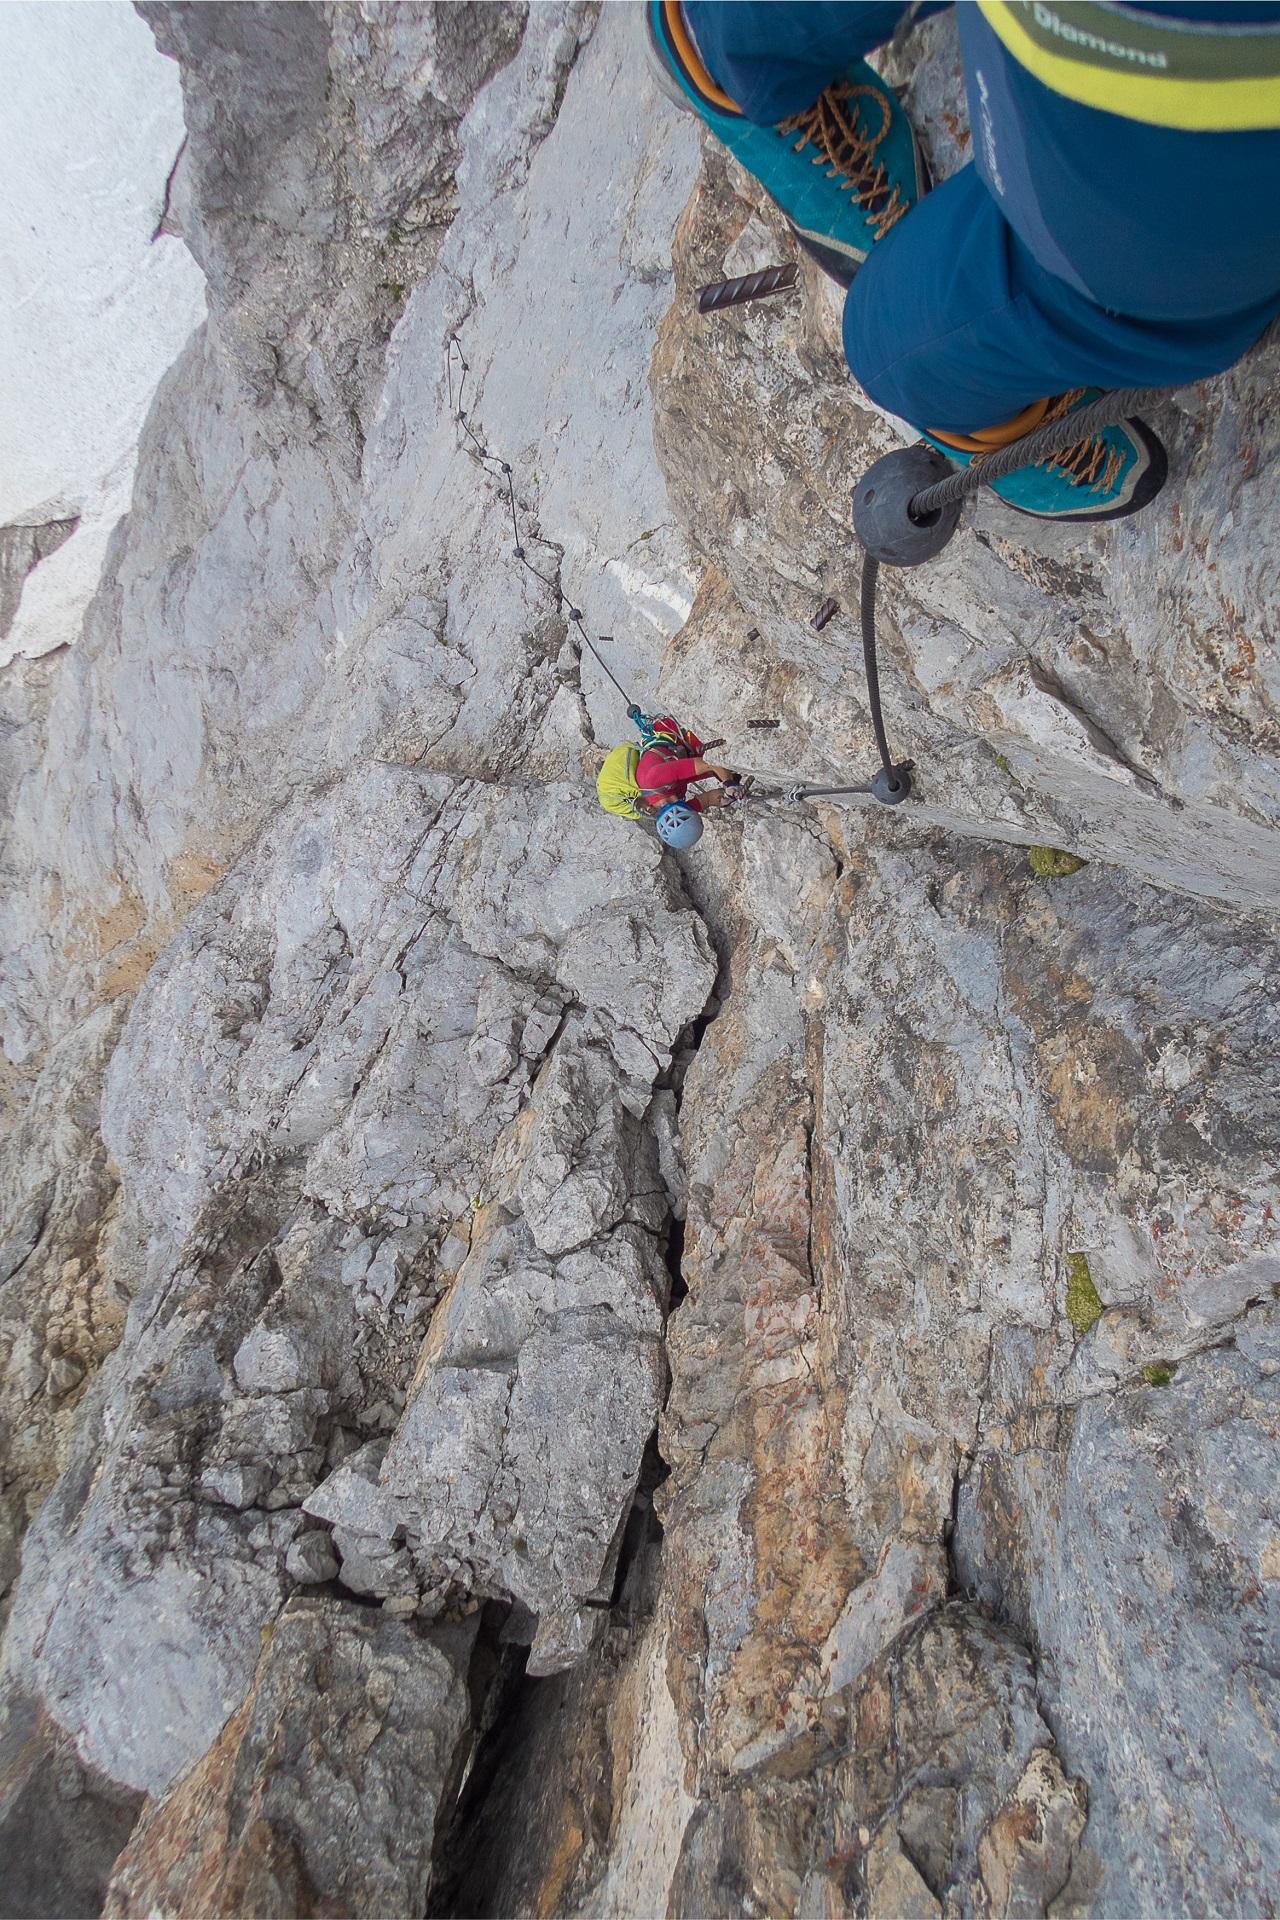 Pola powyżej pionowej rysy wycenianej na D, Sky Walk Klettersteig